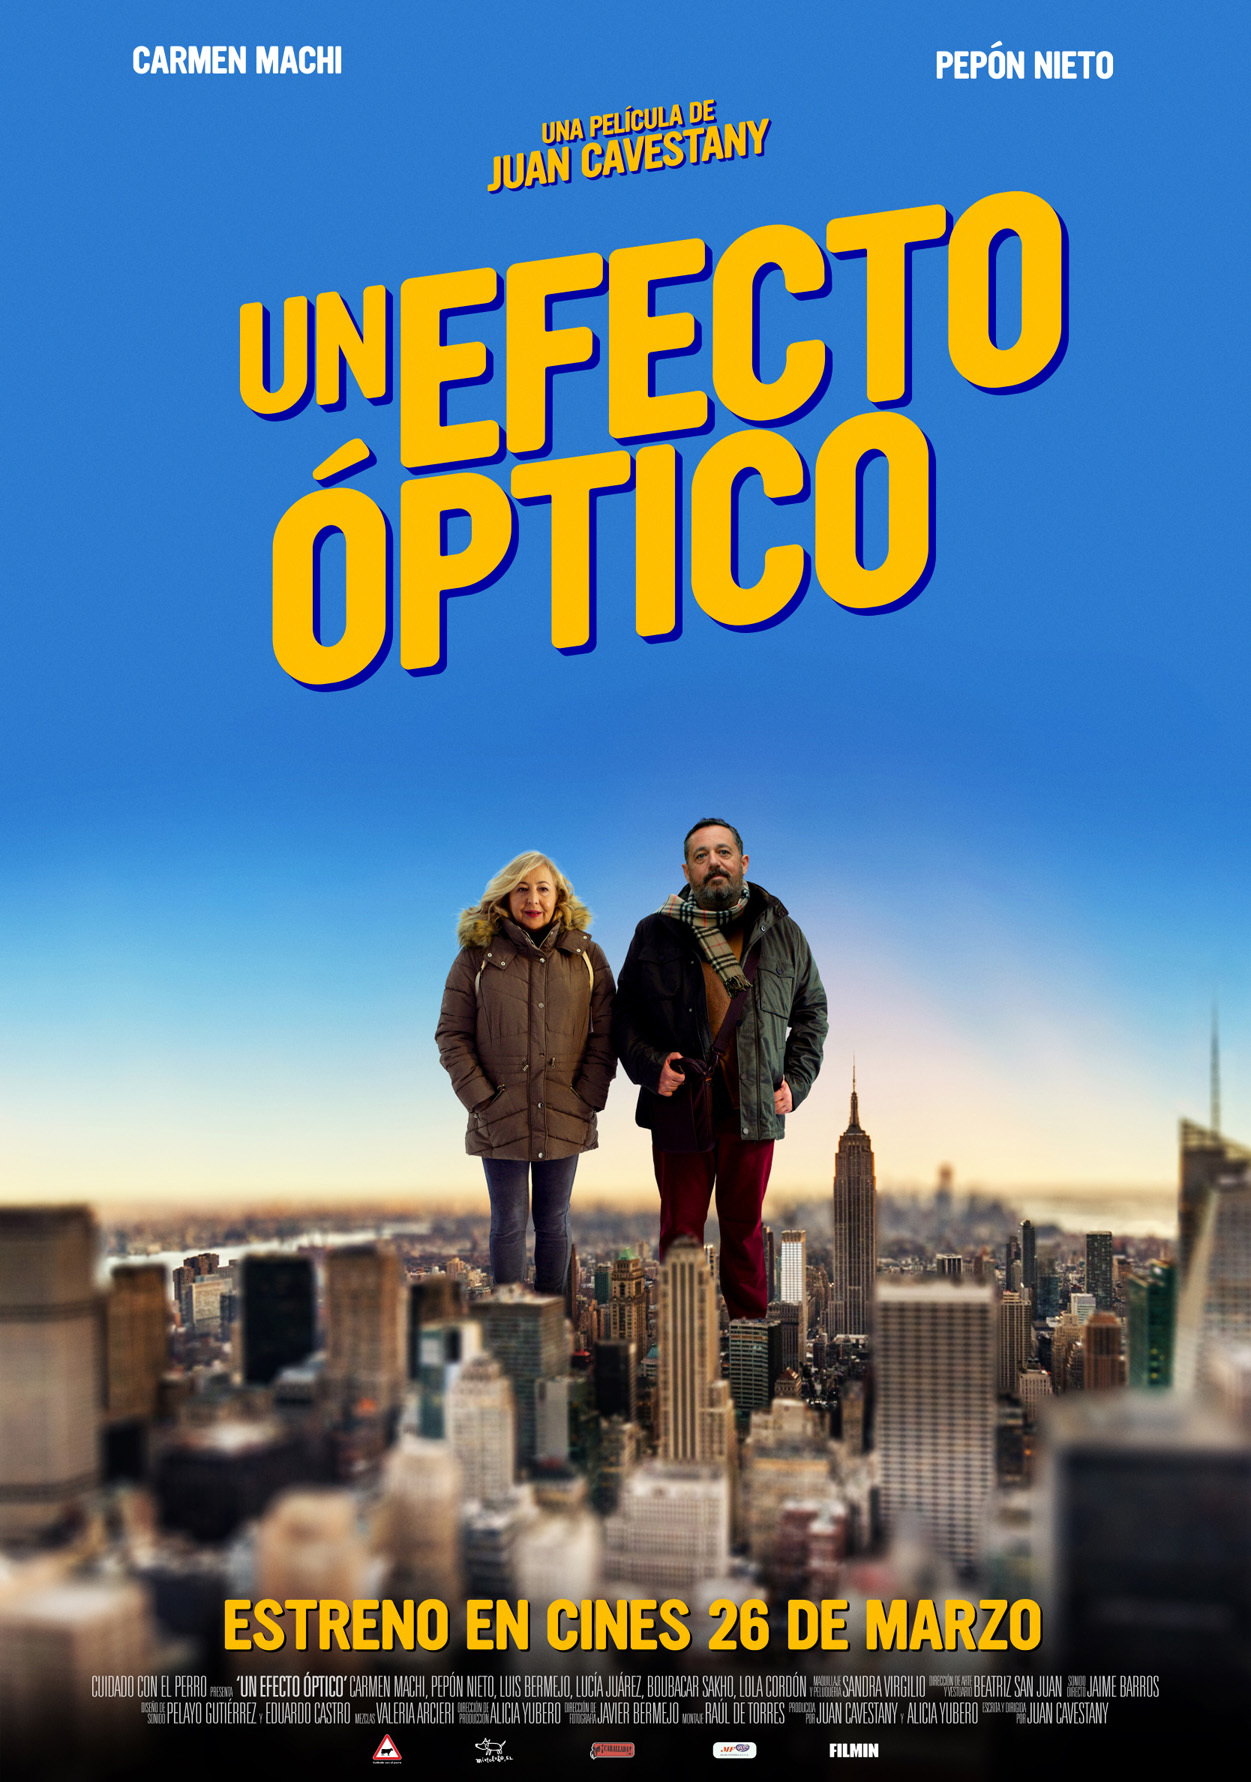 Cartel de Un efecto óptico